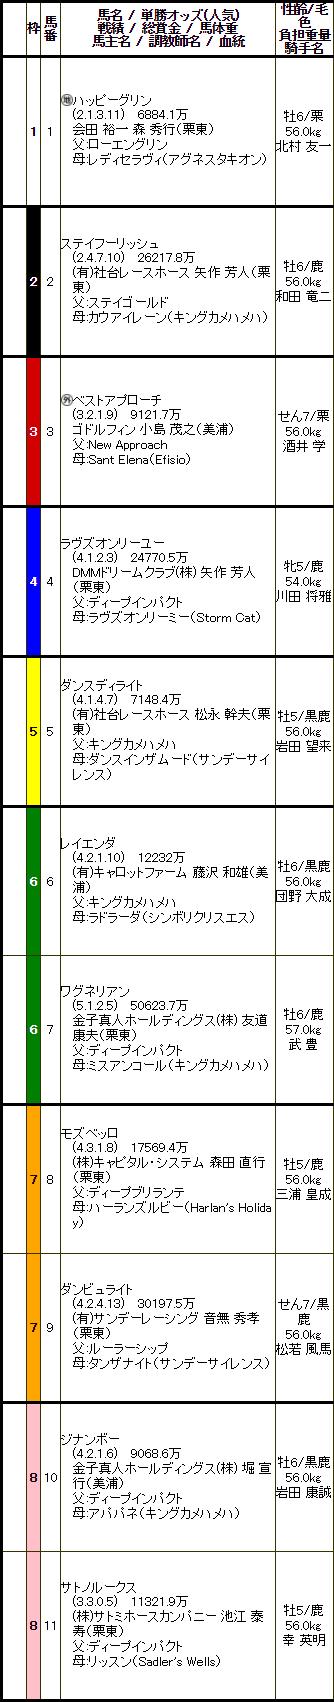 G2 京都記念 出馬表